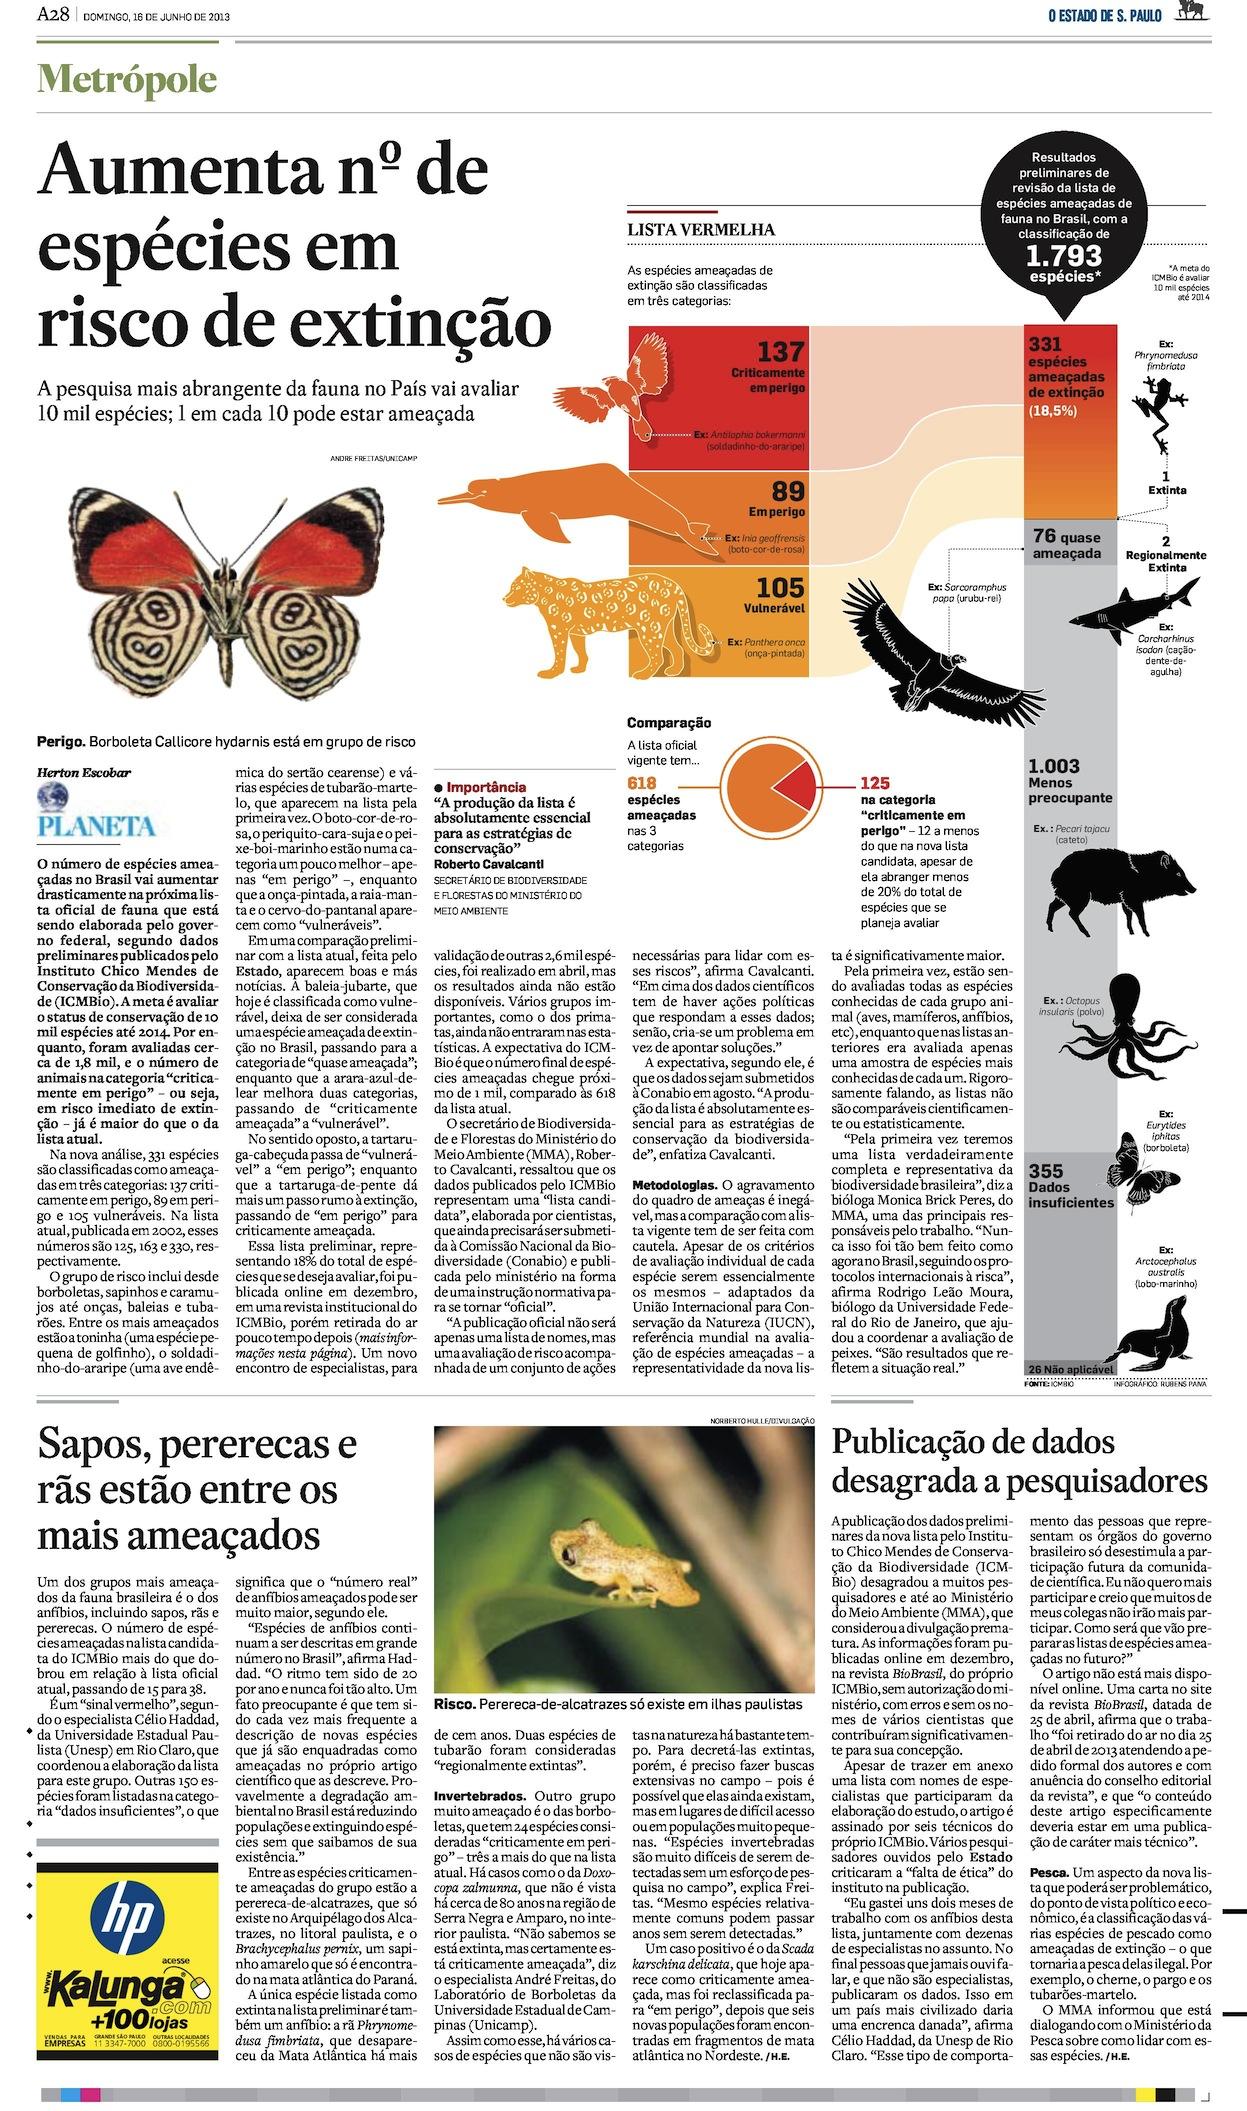 Aumenta o número de espécies ameaçadas no Brasil